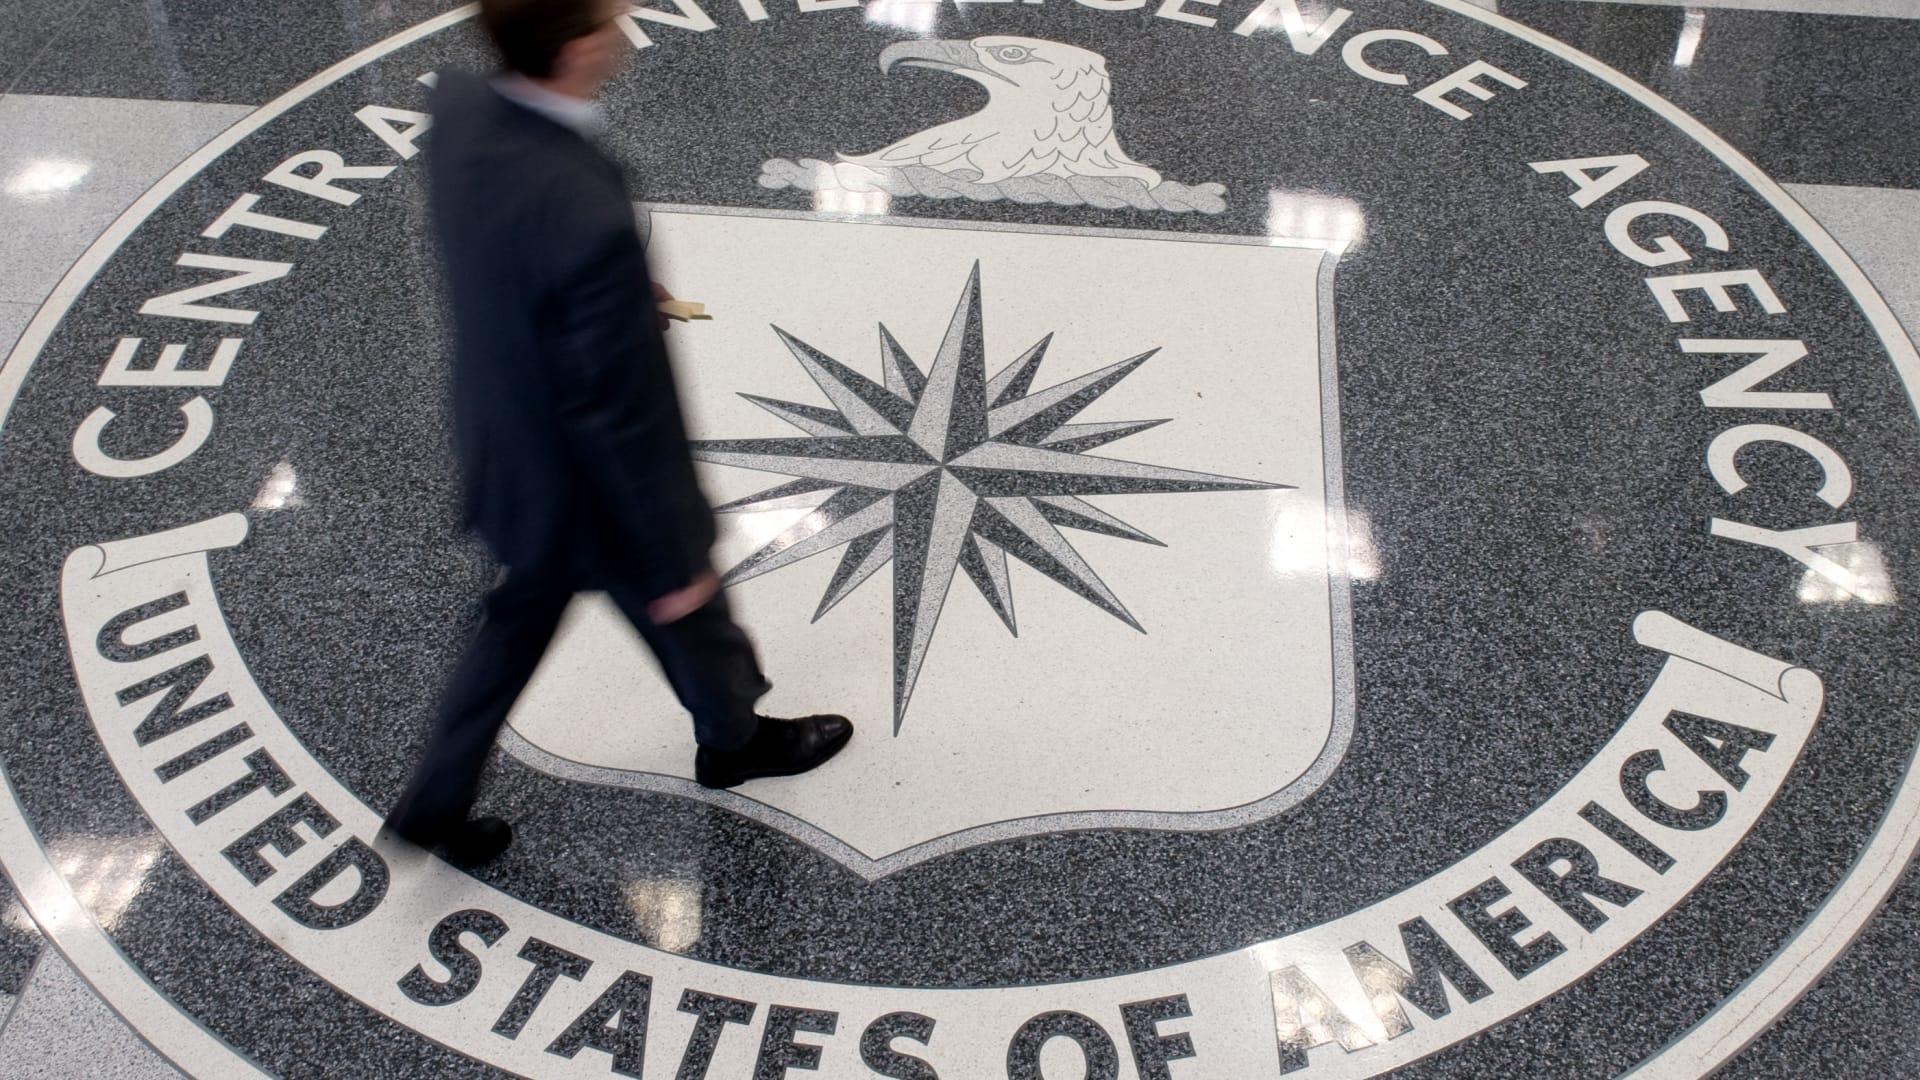 القبض على ضابط سابق في الاستخبارات الأمريكية.. واتهامه بالتجسس لصالح الصين